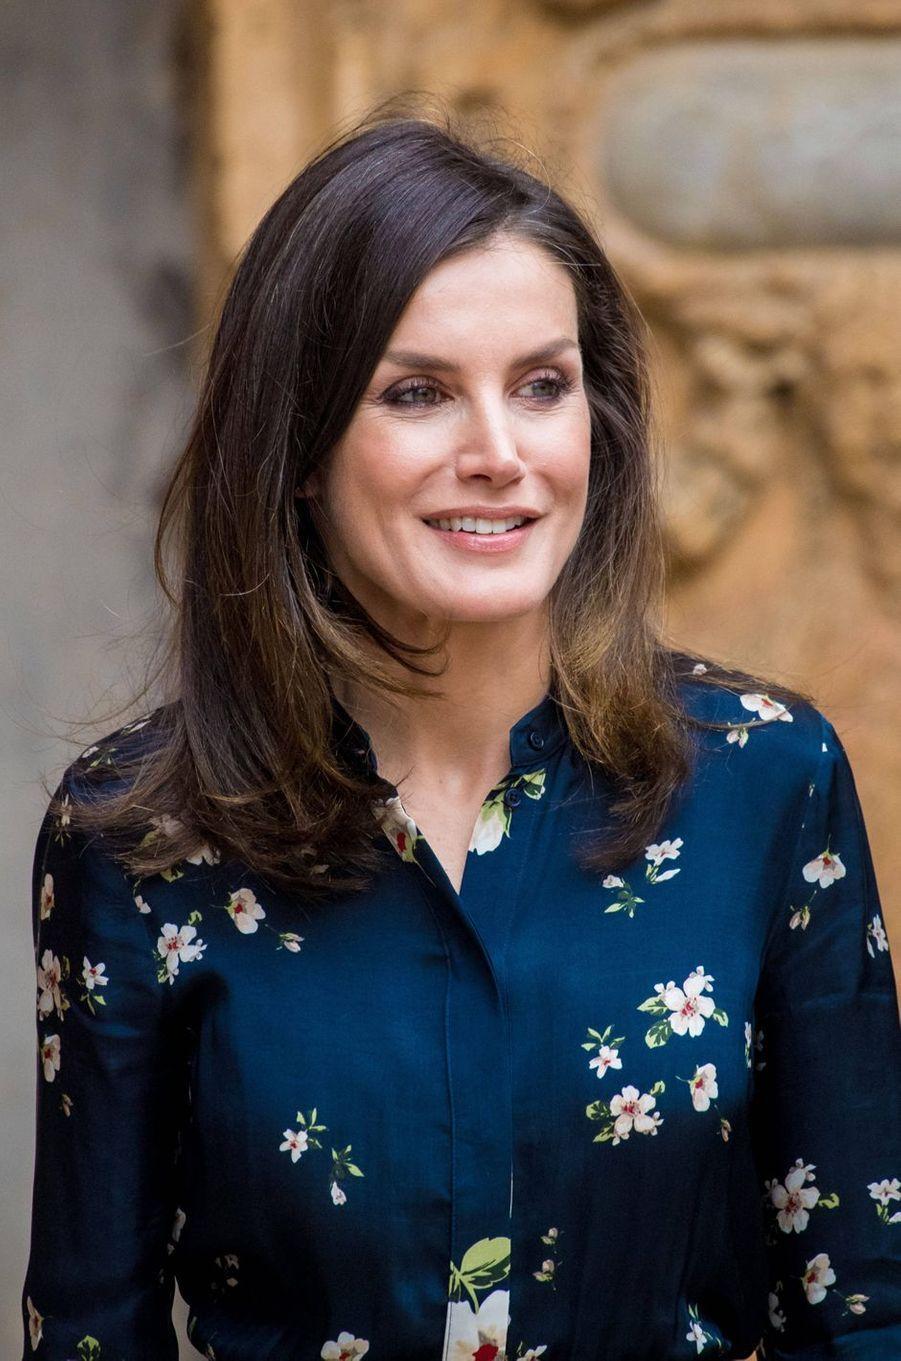 La reine Letizia d'Espagne à Palma de Majorque, le 21 avril 2019